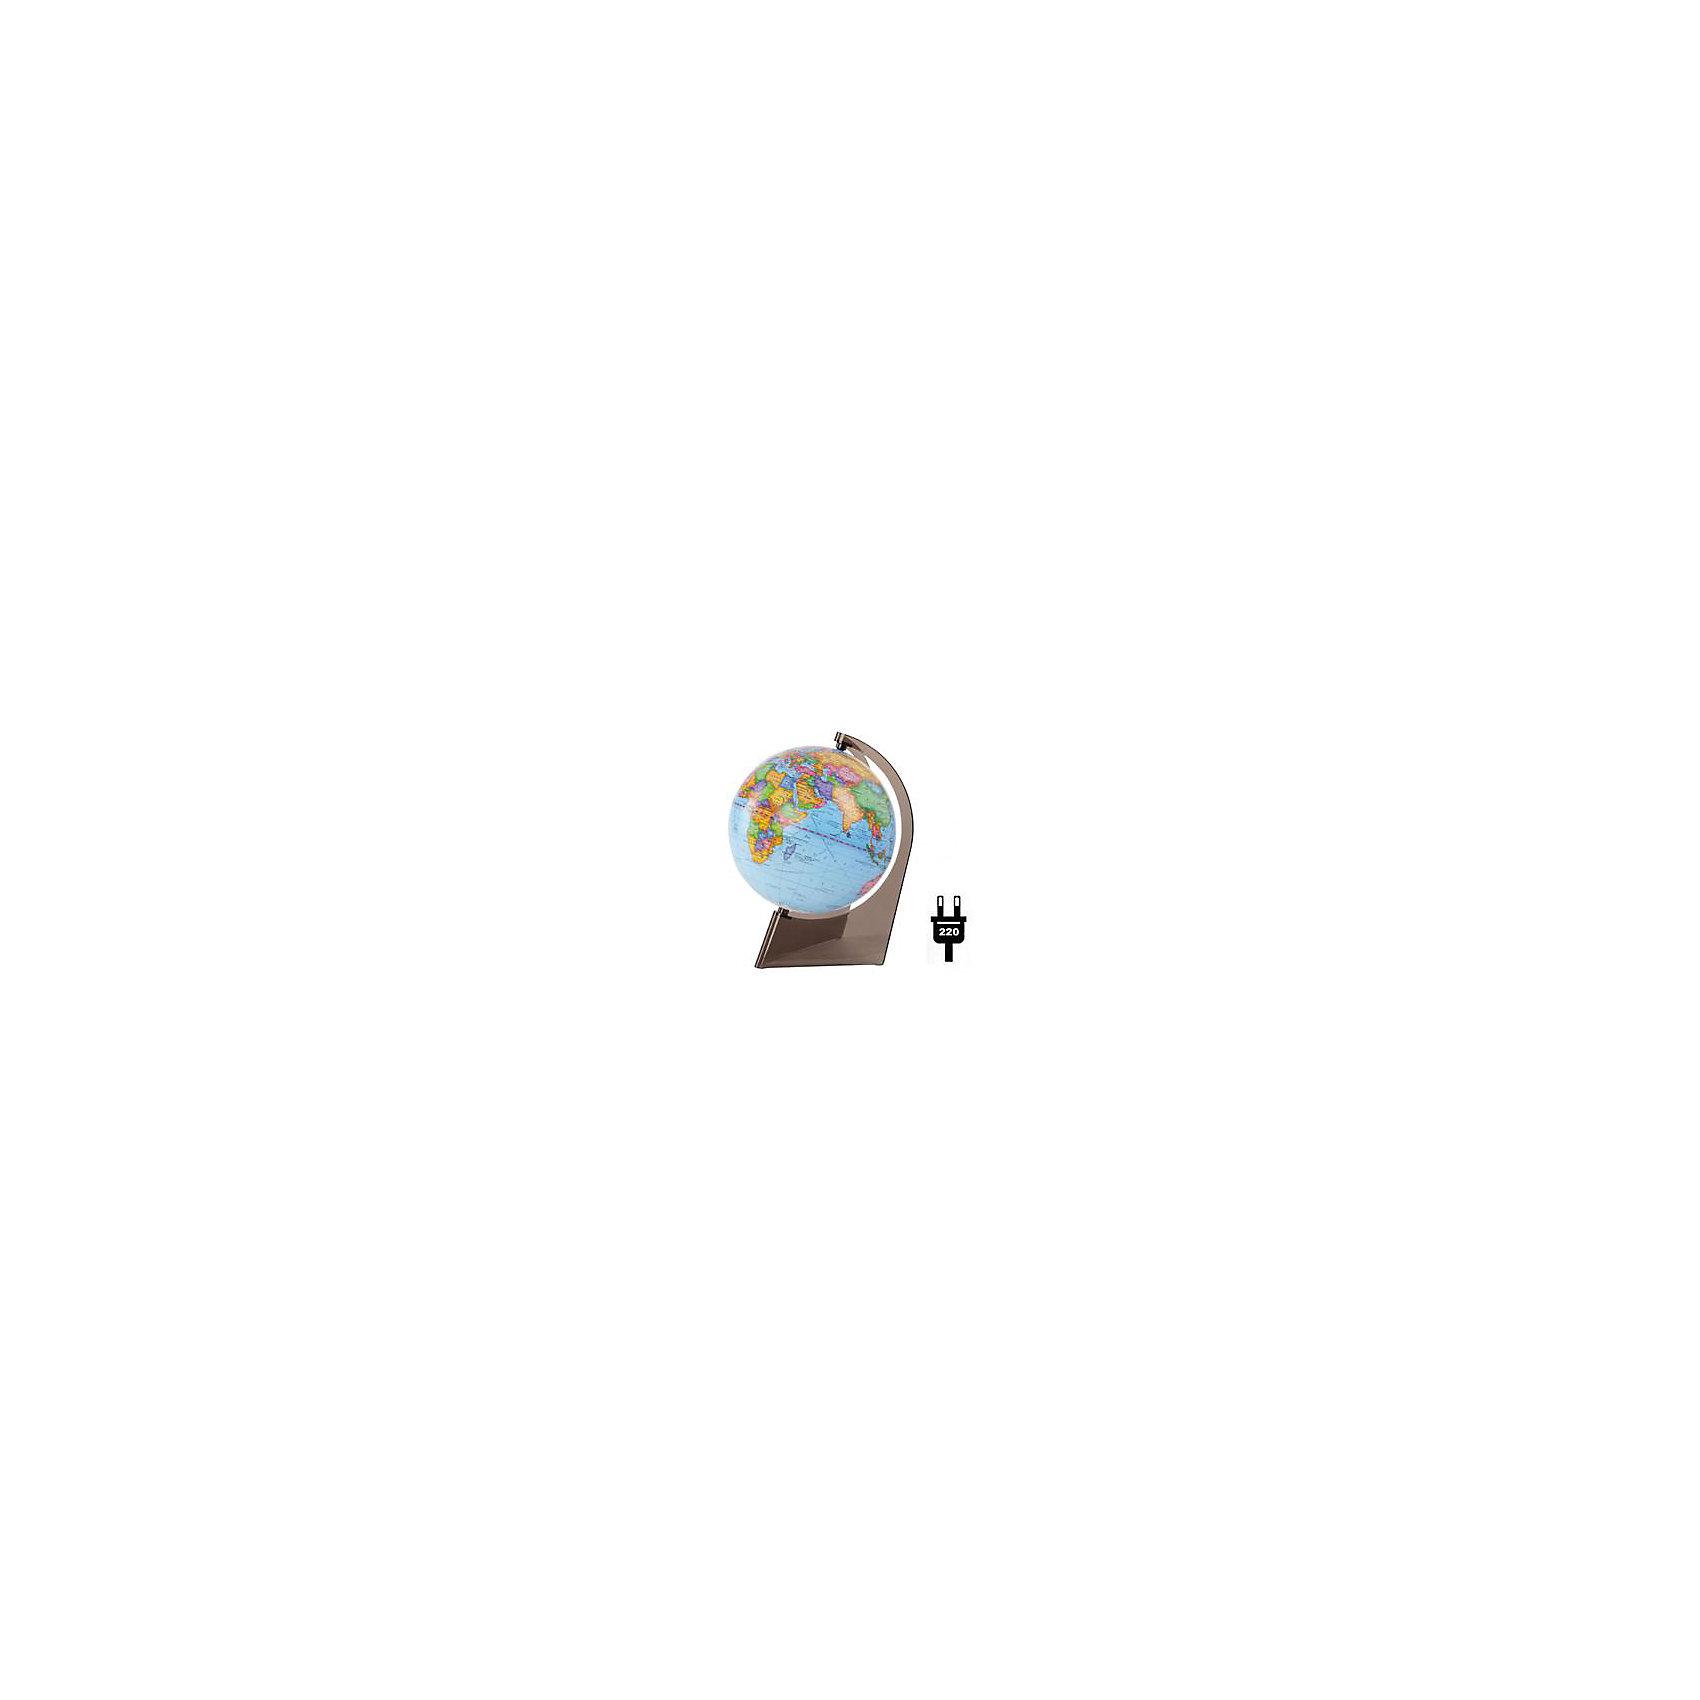 Глобус Земли политический на треугольнике с подсветкой, диаметр 210 ммГлобусы<br>Масштаб: 1:60000000<br><br>Материал подставки: пластик<br><br>Цвет подставки: прозрачный<br><br>Ширина мм: 217<br>Глубина мм: 217<br>Высота мм: 217<br>Вес г: 800<br>Возраст от месяцев: 72<br>Возраст до месяцев: 2147483647<br>Пол: Унисекс<br>Возраст: Детский<br>SKU: 5518215